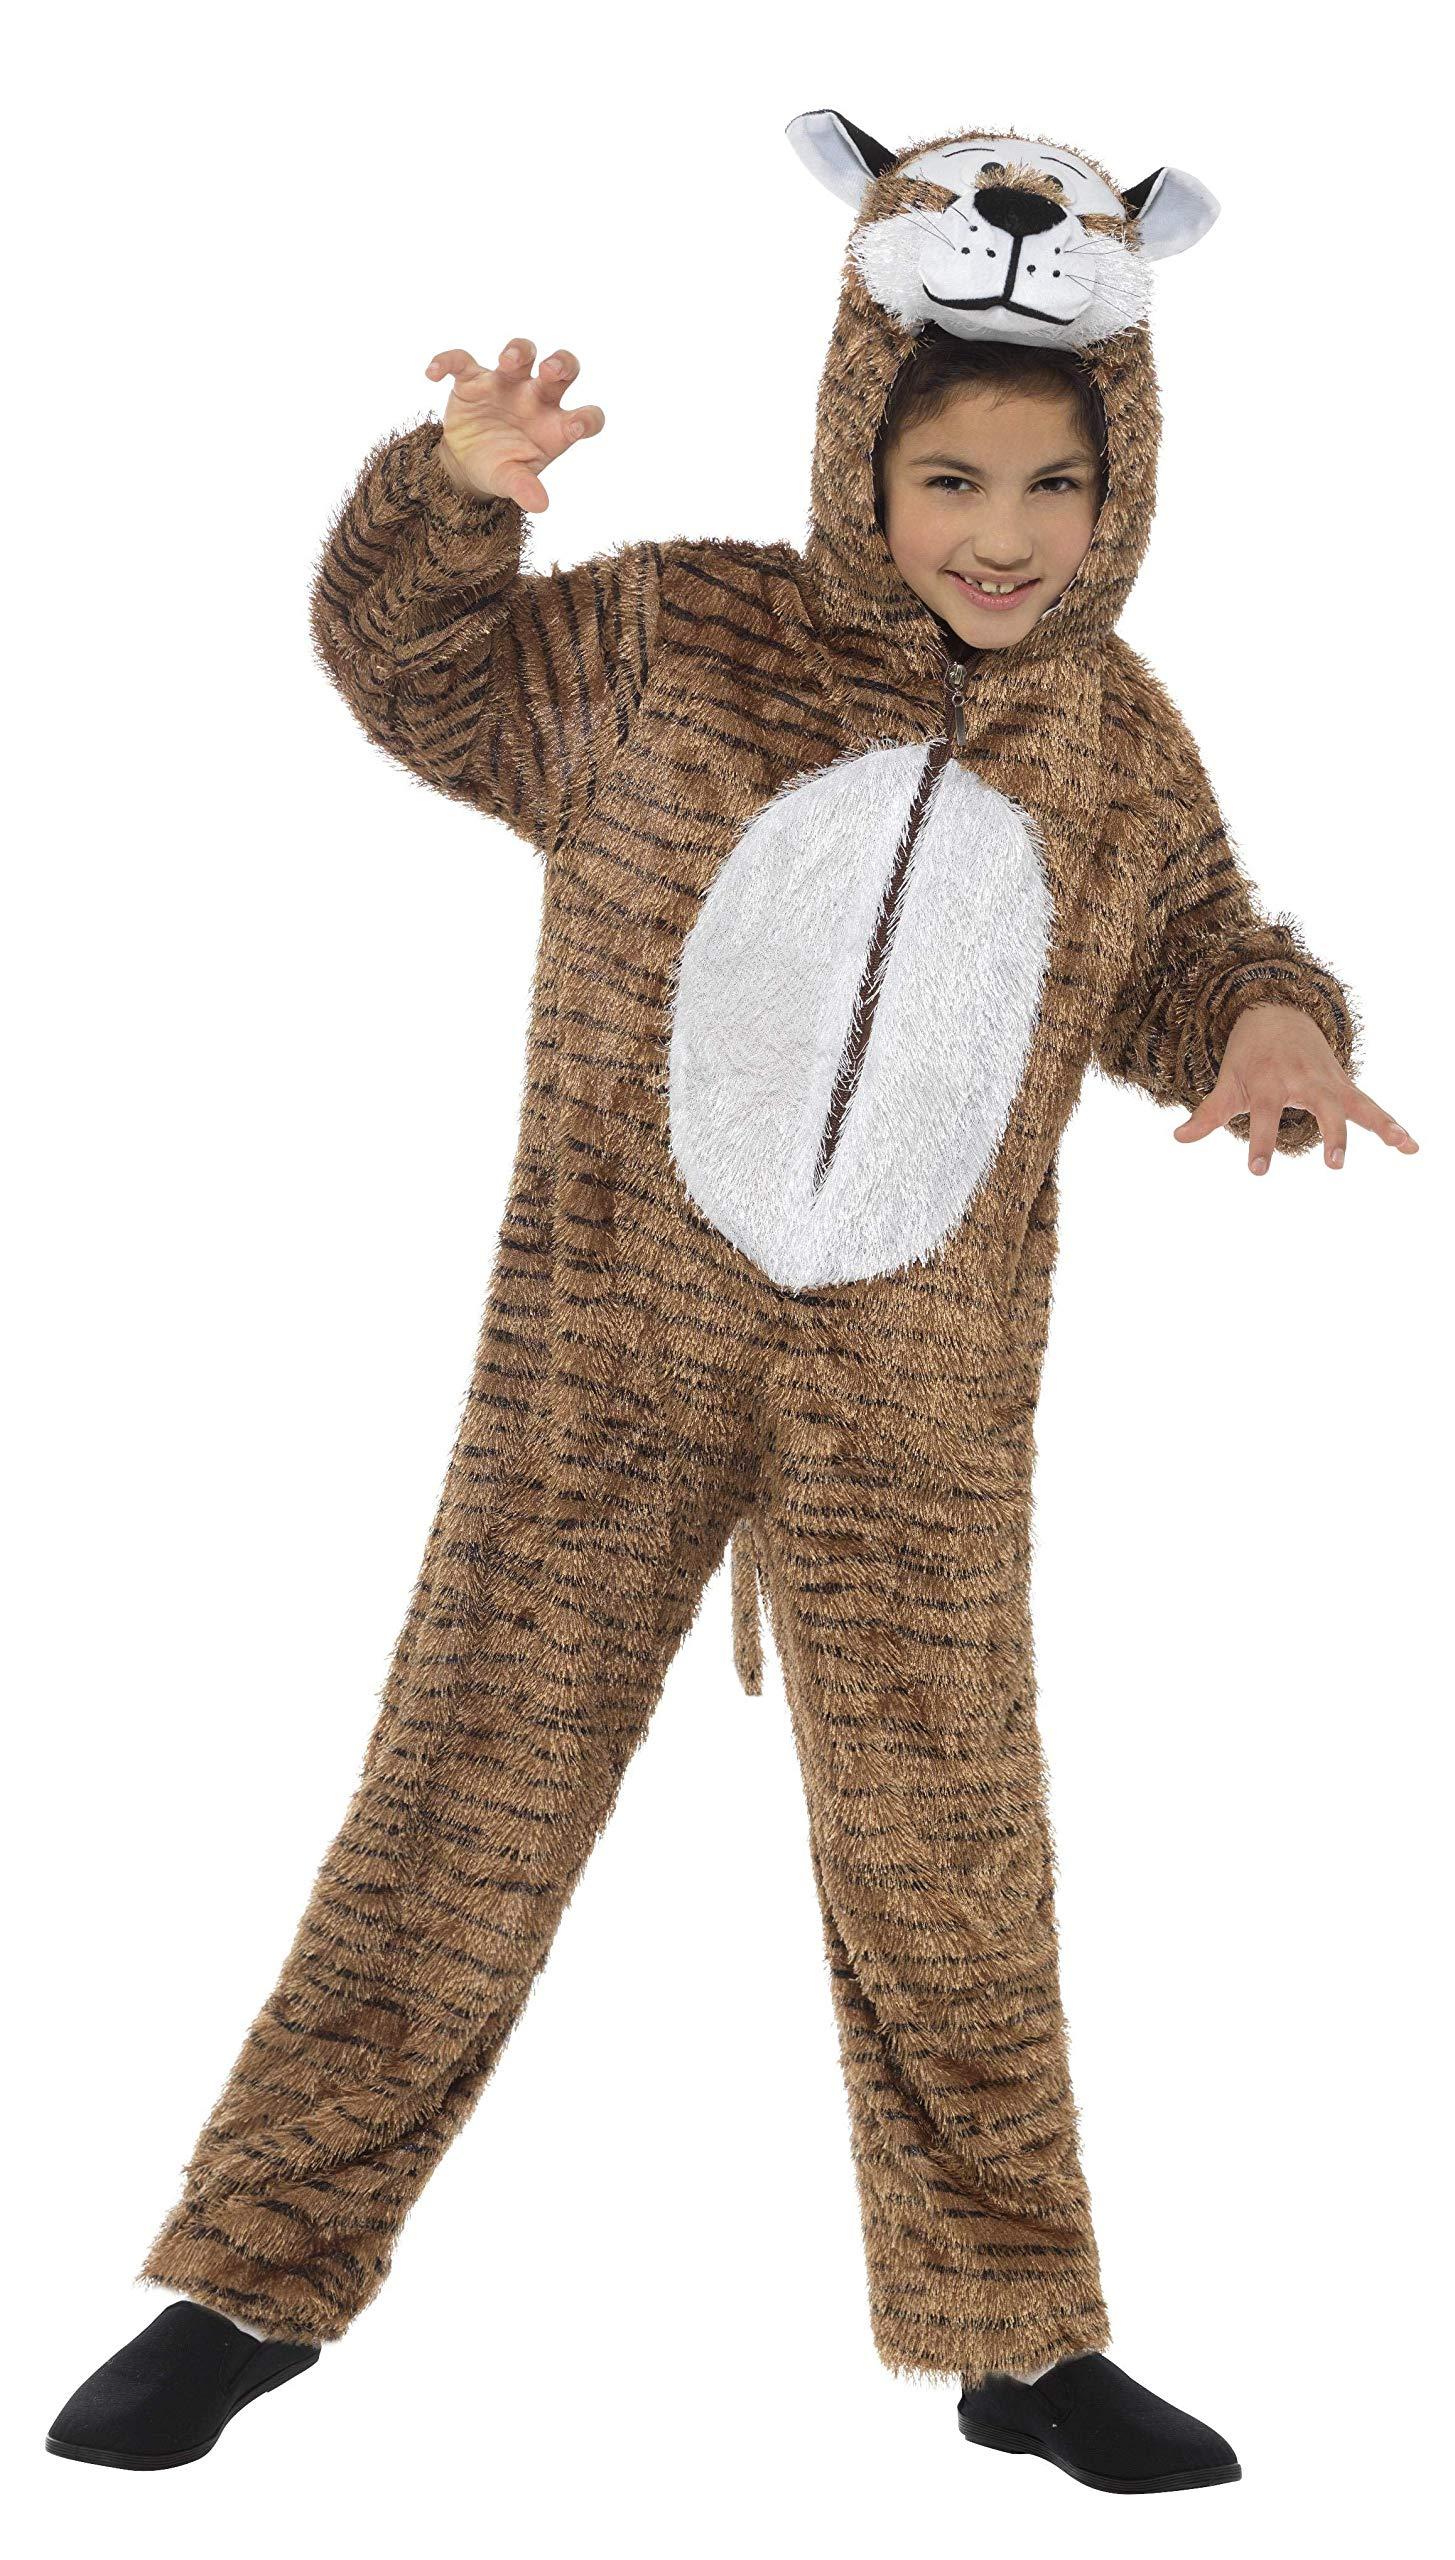 Smiffys-30802 Disfraz de Tigre, Incluye Enterizo con Capucha, Color marrón, S-Edad 4-6 años (Smiffy'S 30802)